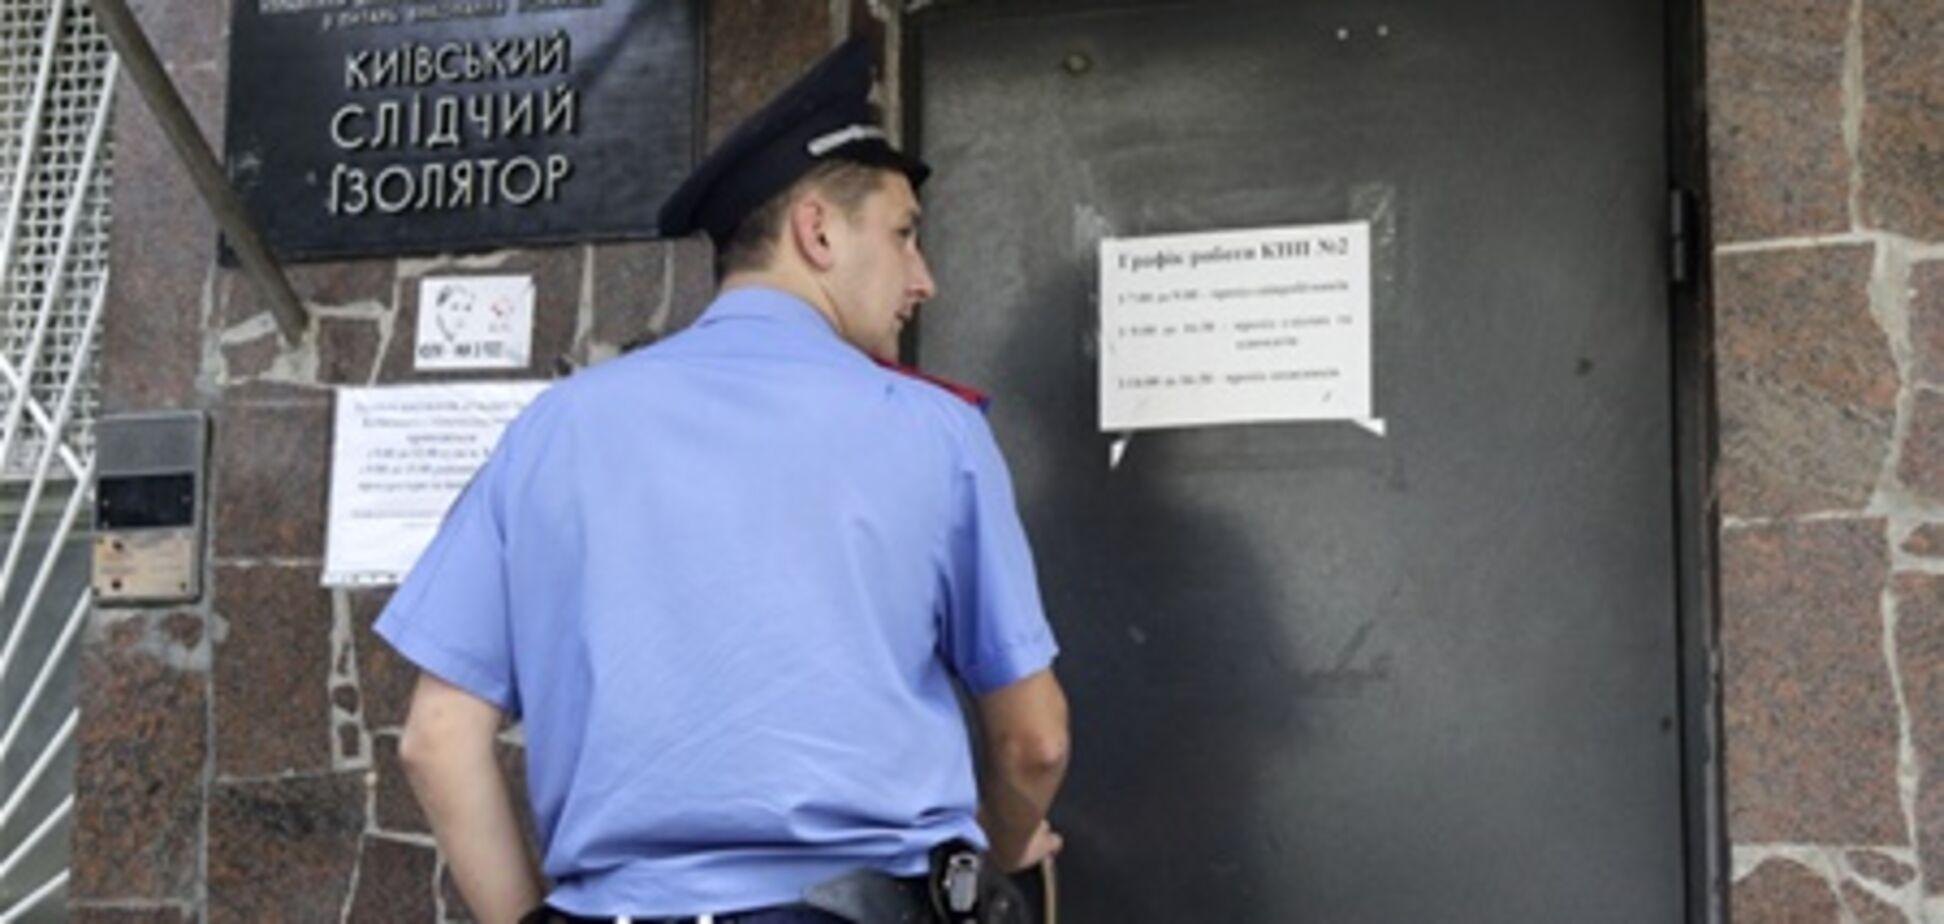 В Лукьяновском СИЗО в конвульсиях умер парень - СМИ